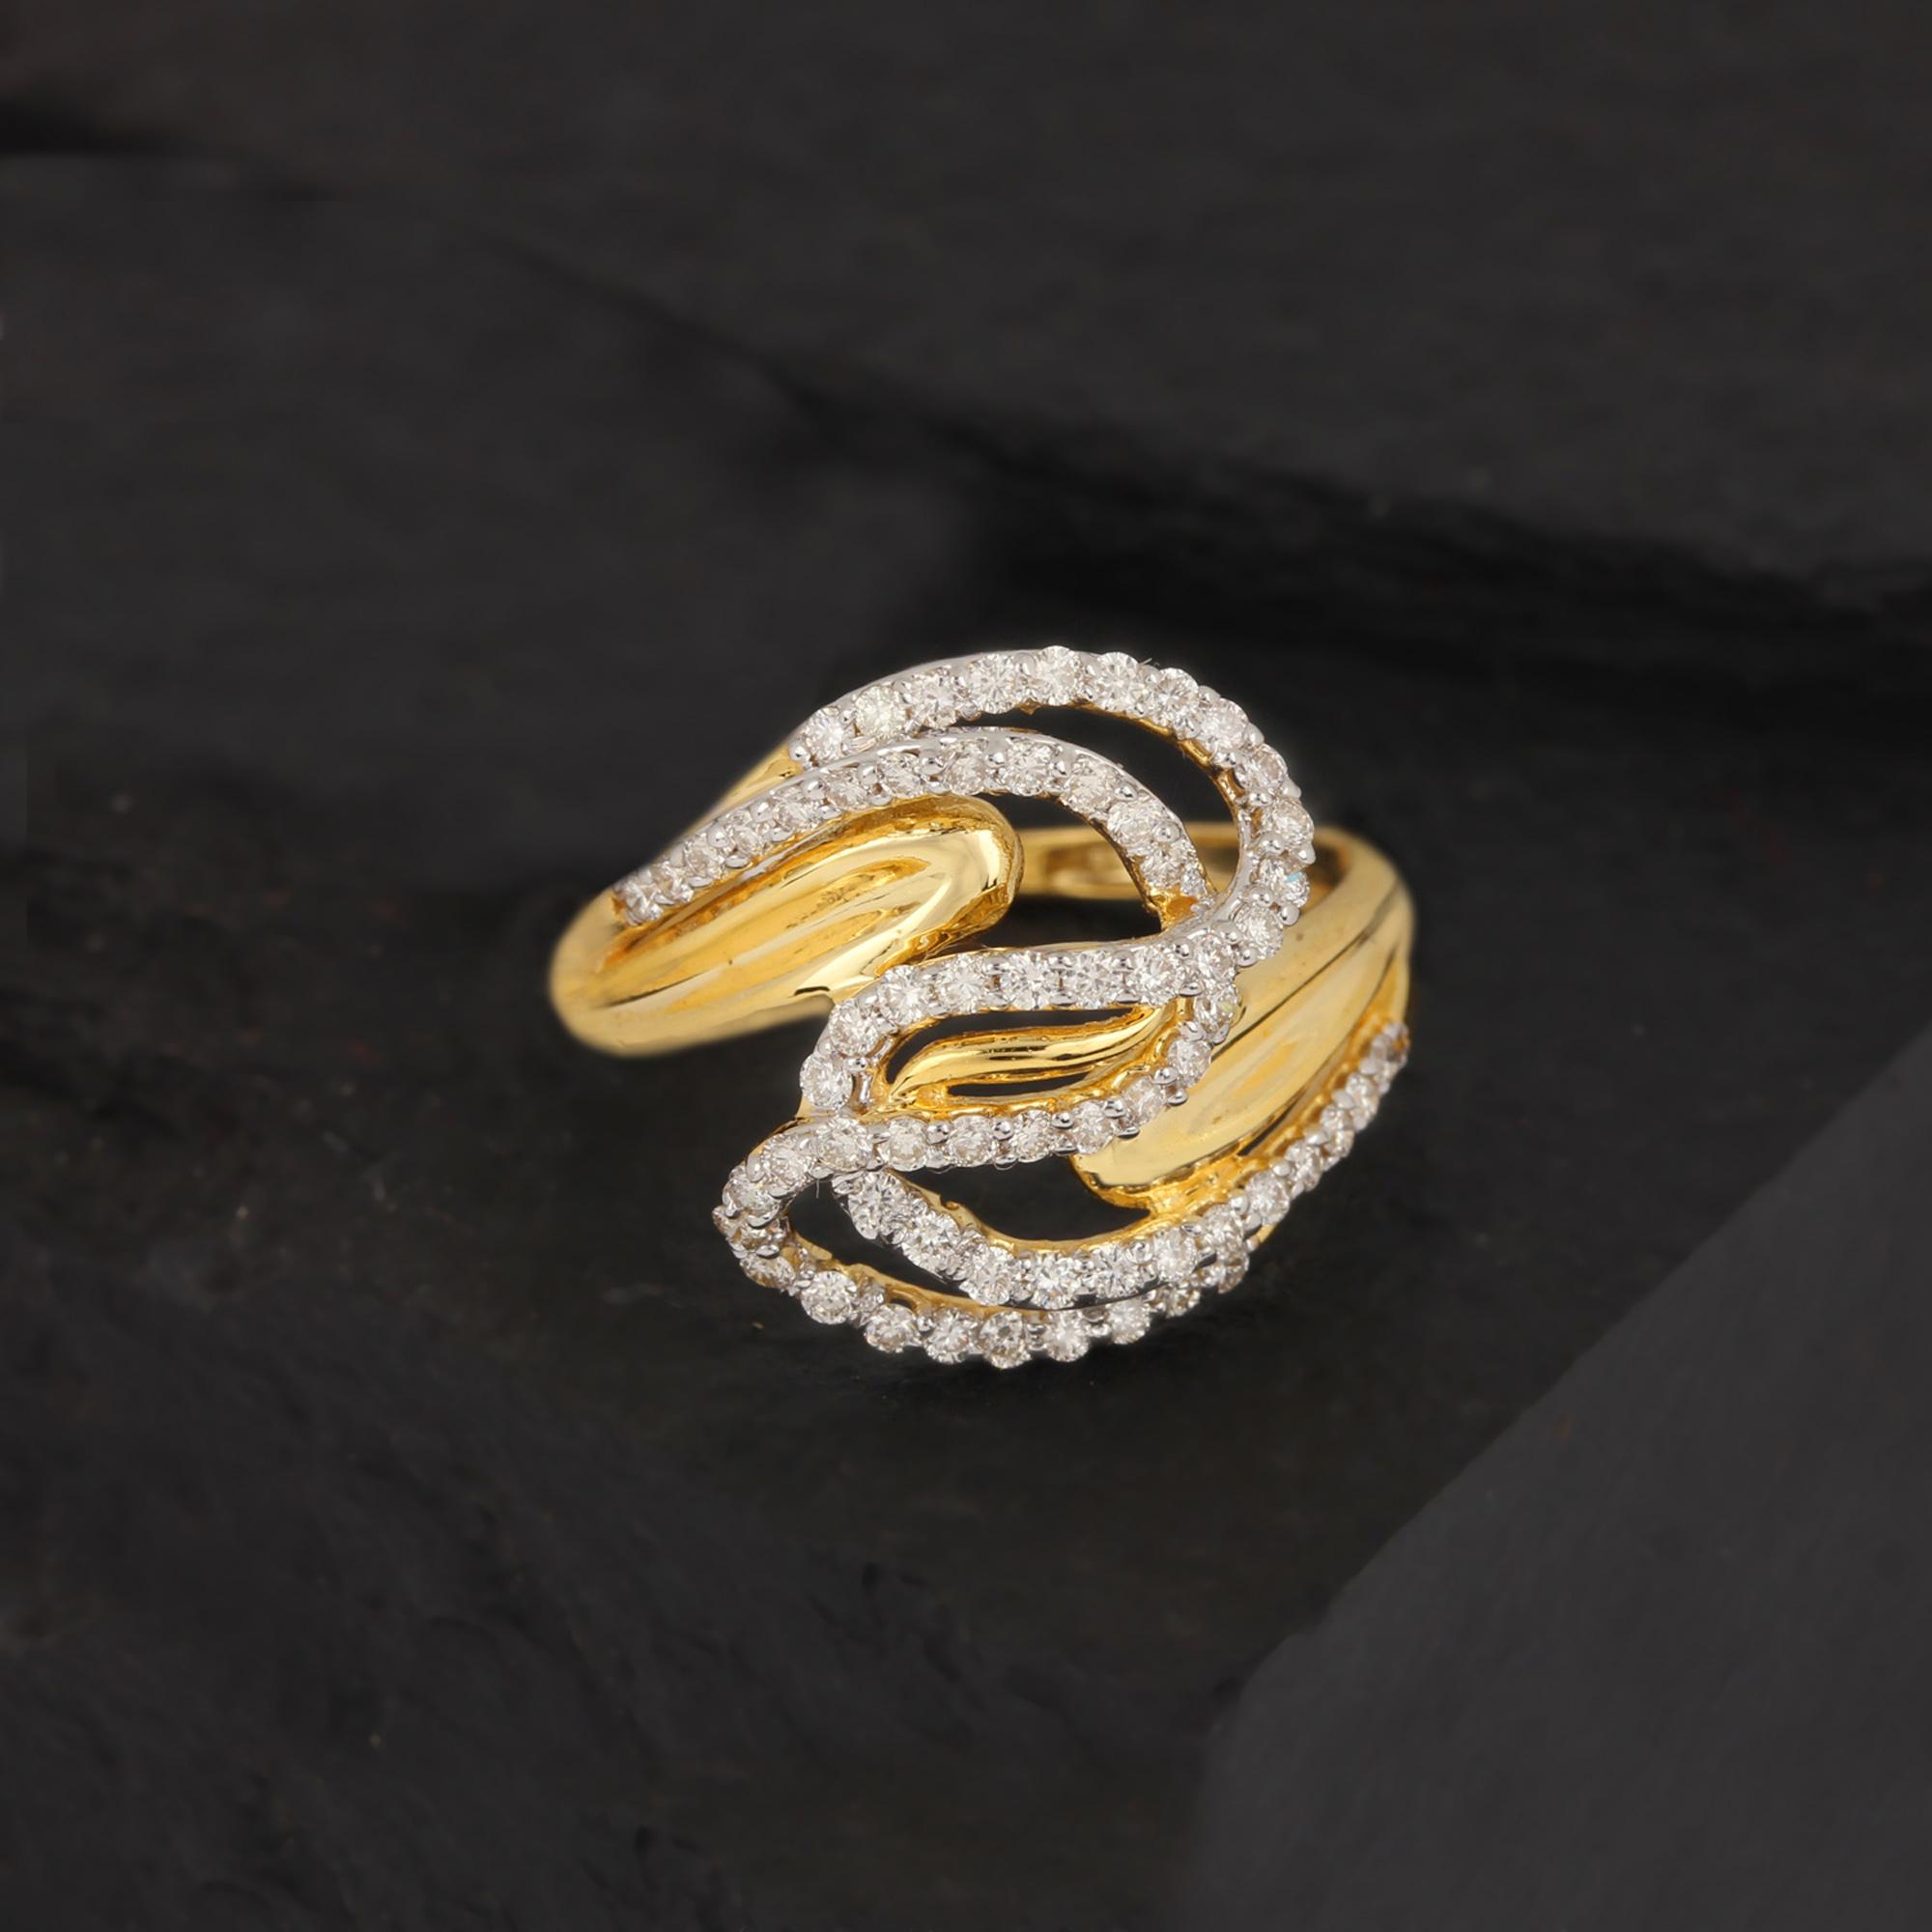 Natural Diamond Ring For Women